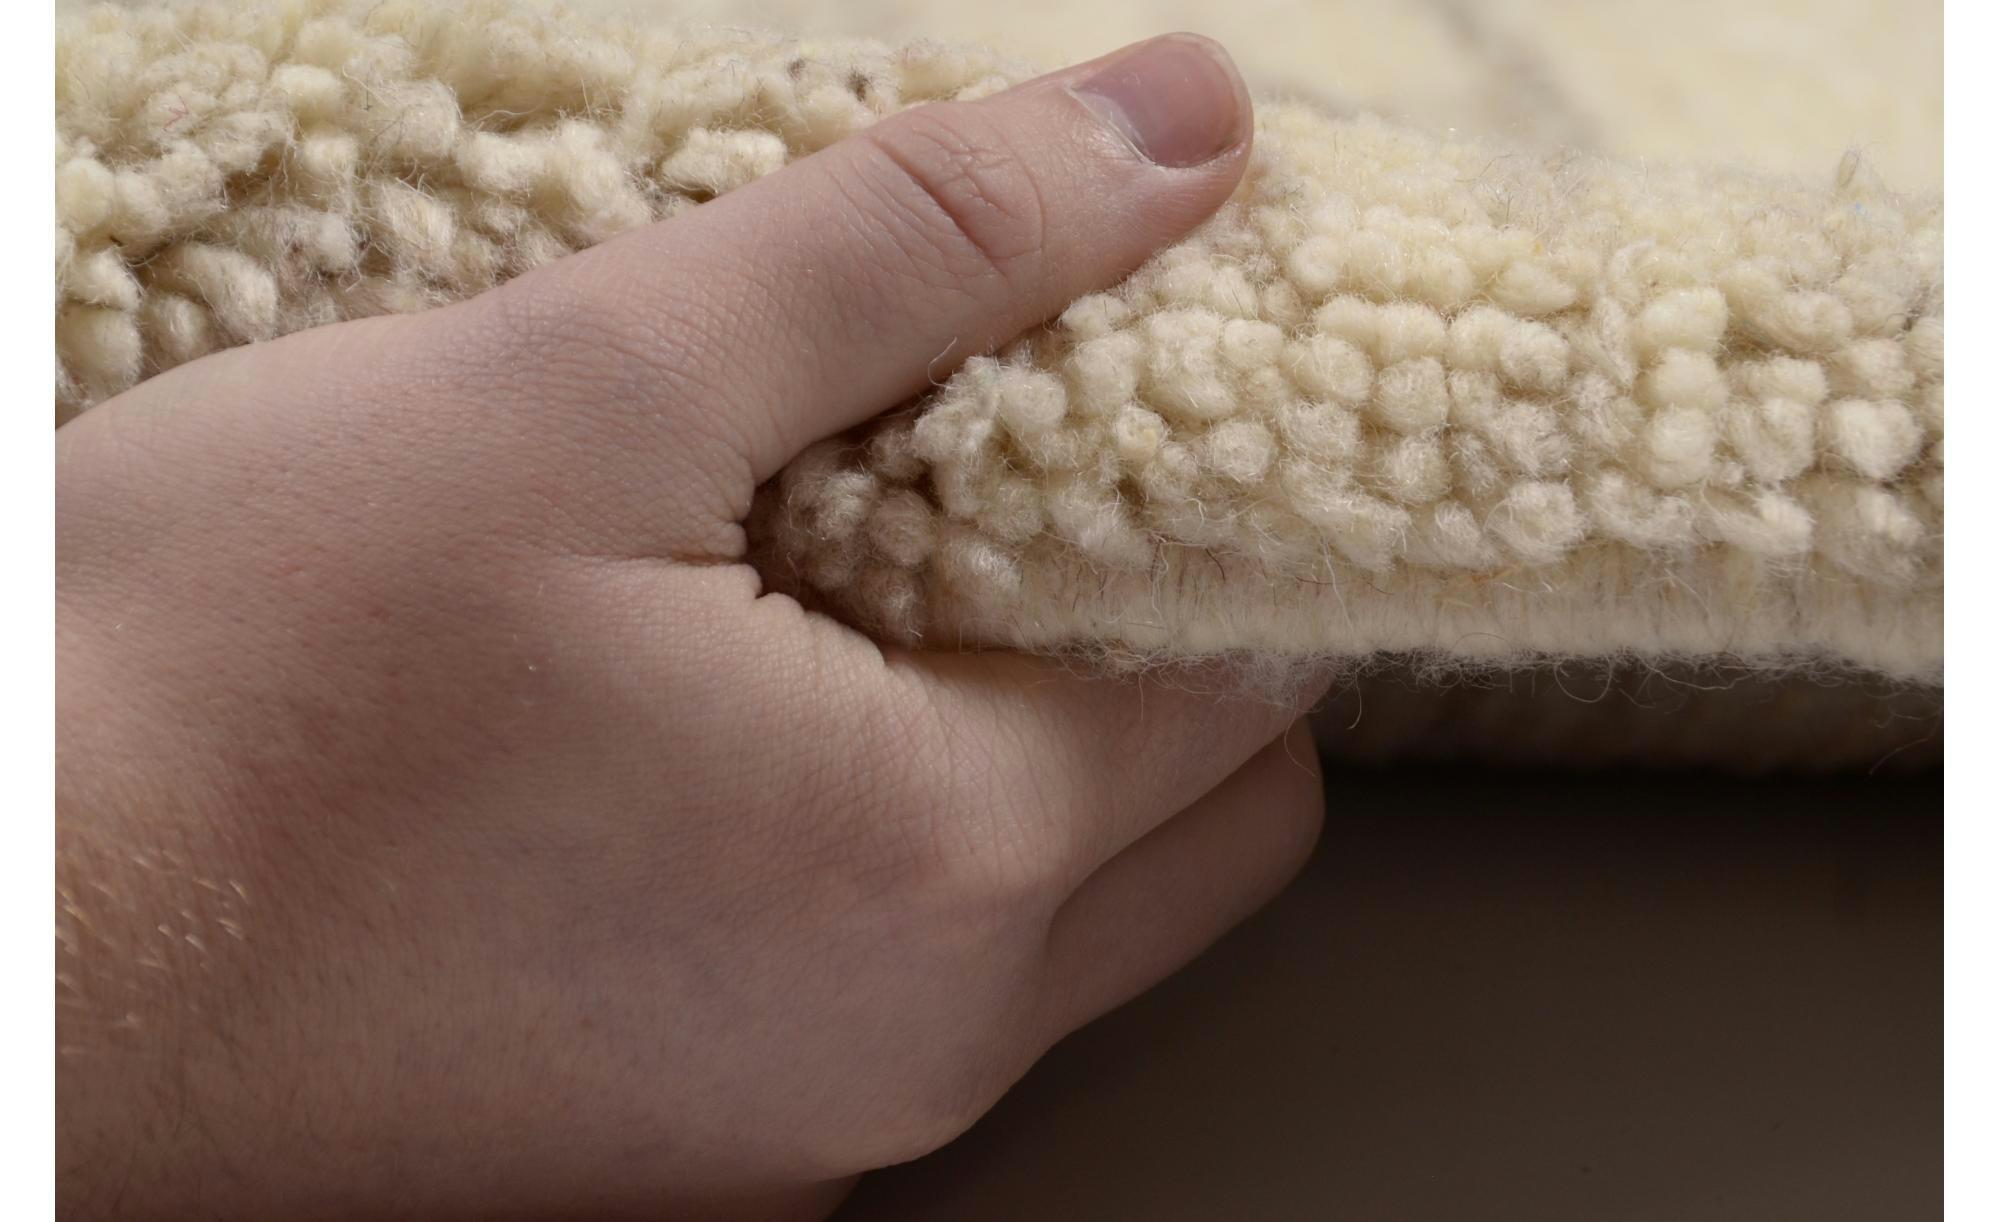 Berber-Teppich - creme - reine Wolle, Wolle - 120 cm - Teppiche > Wohnteppiche - Möbel Kraft   Heimtextilien > Teppiche > Berberteppiche   Sconto